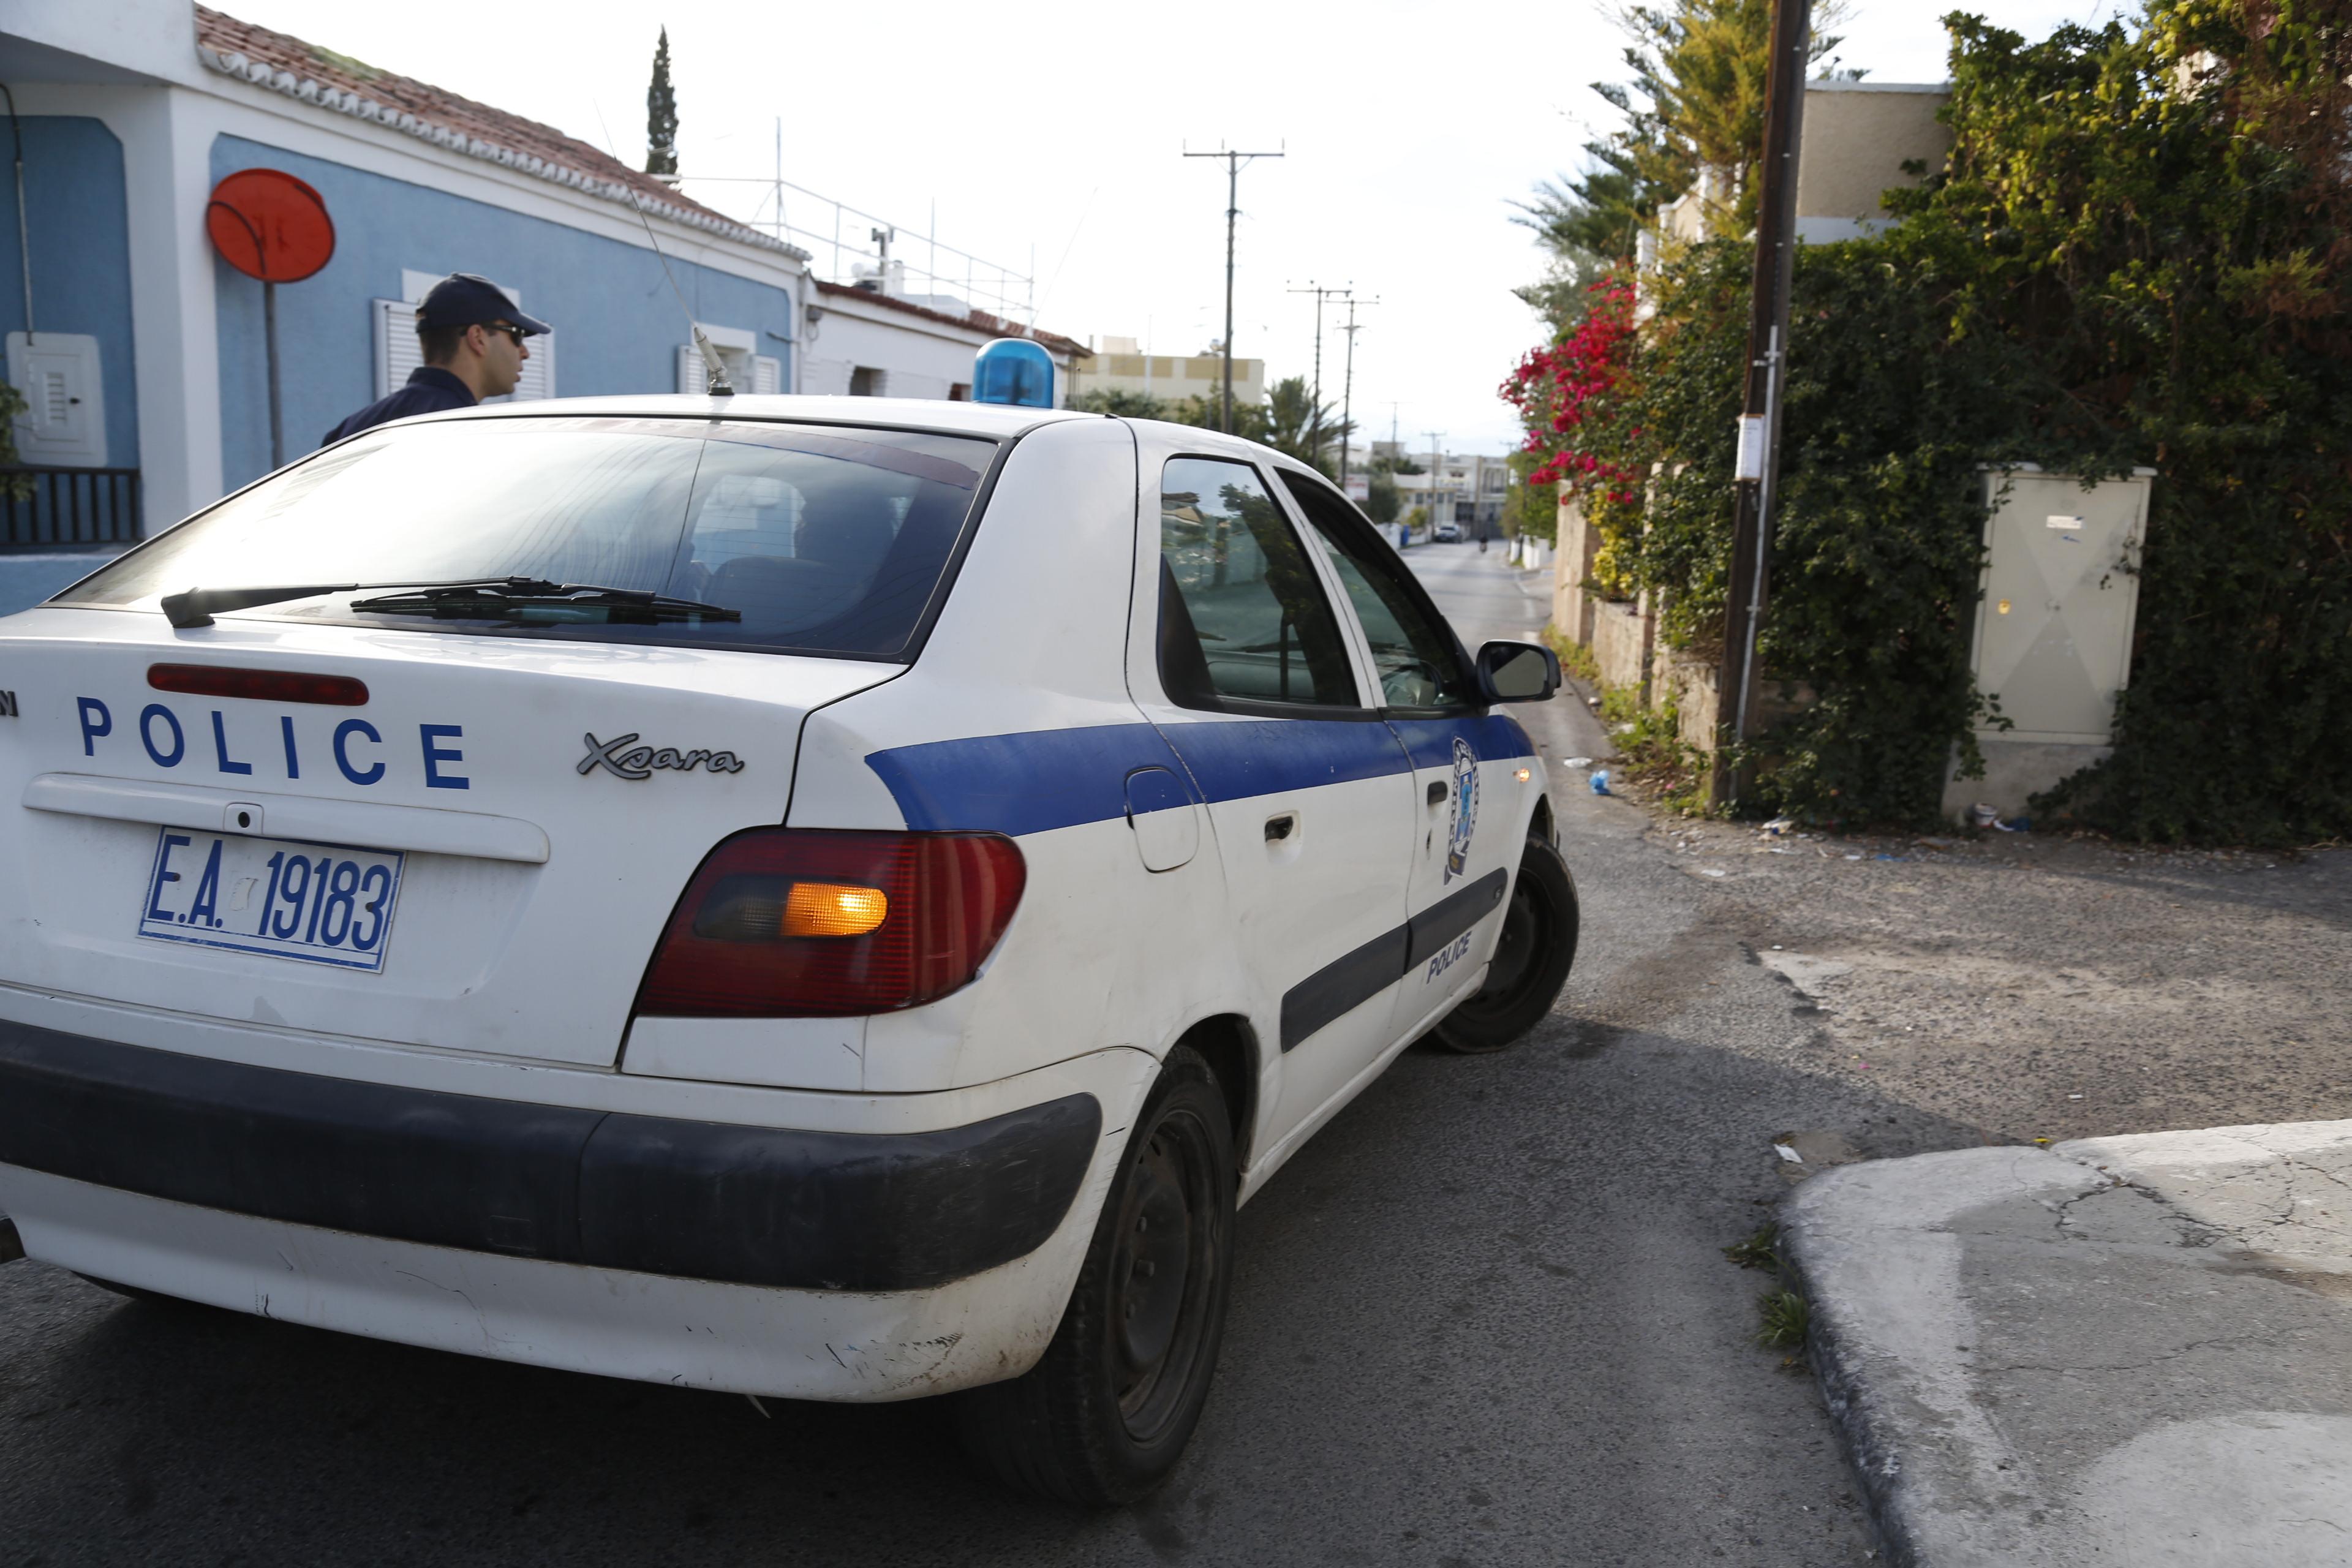 Άπραγοι έφυγαν οι «ληστές των χρηματοκιβωτίων»   tovima.gr